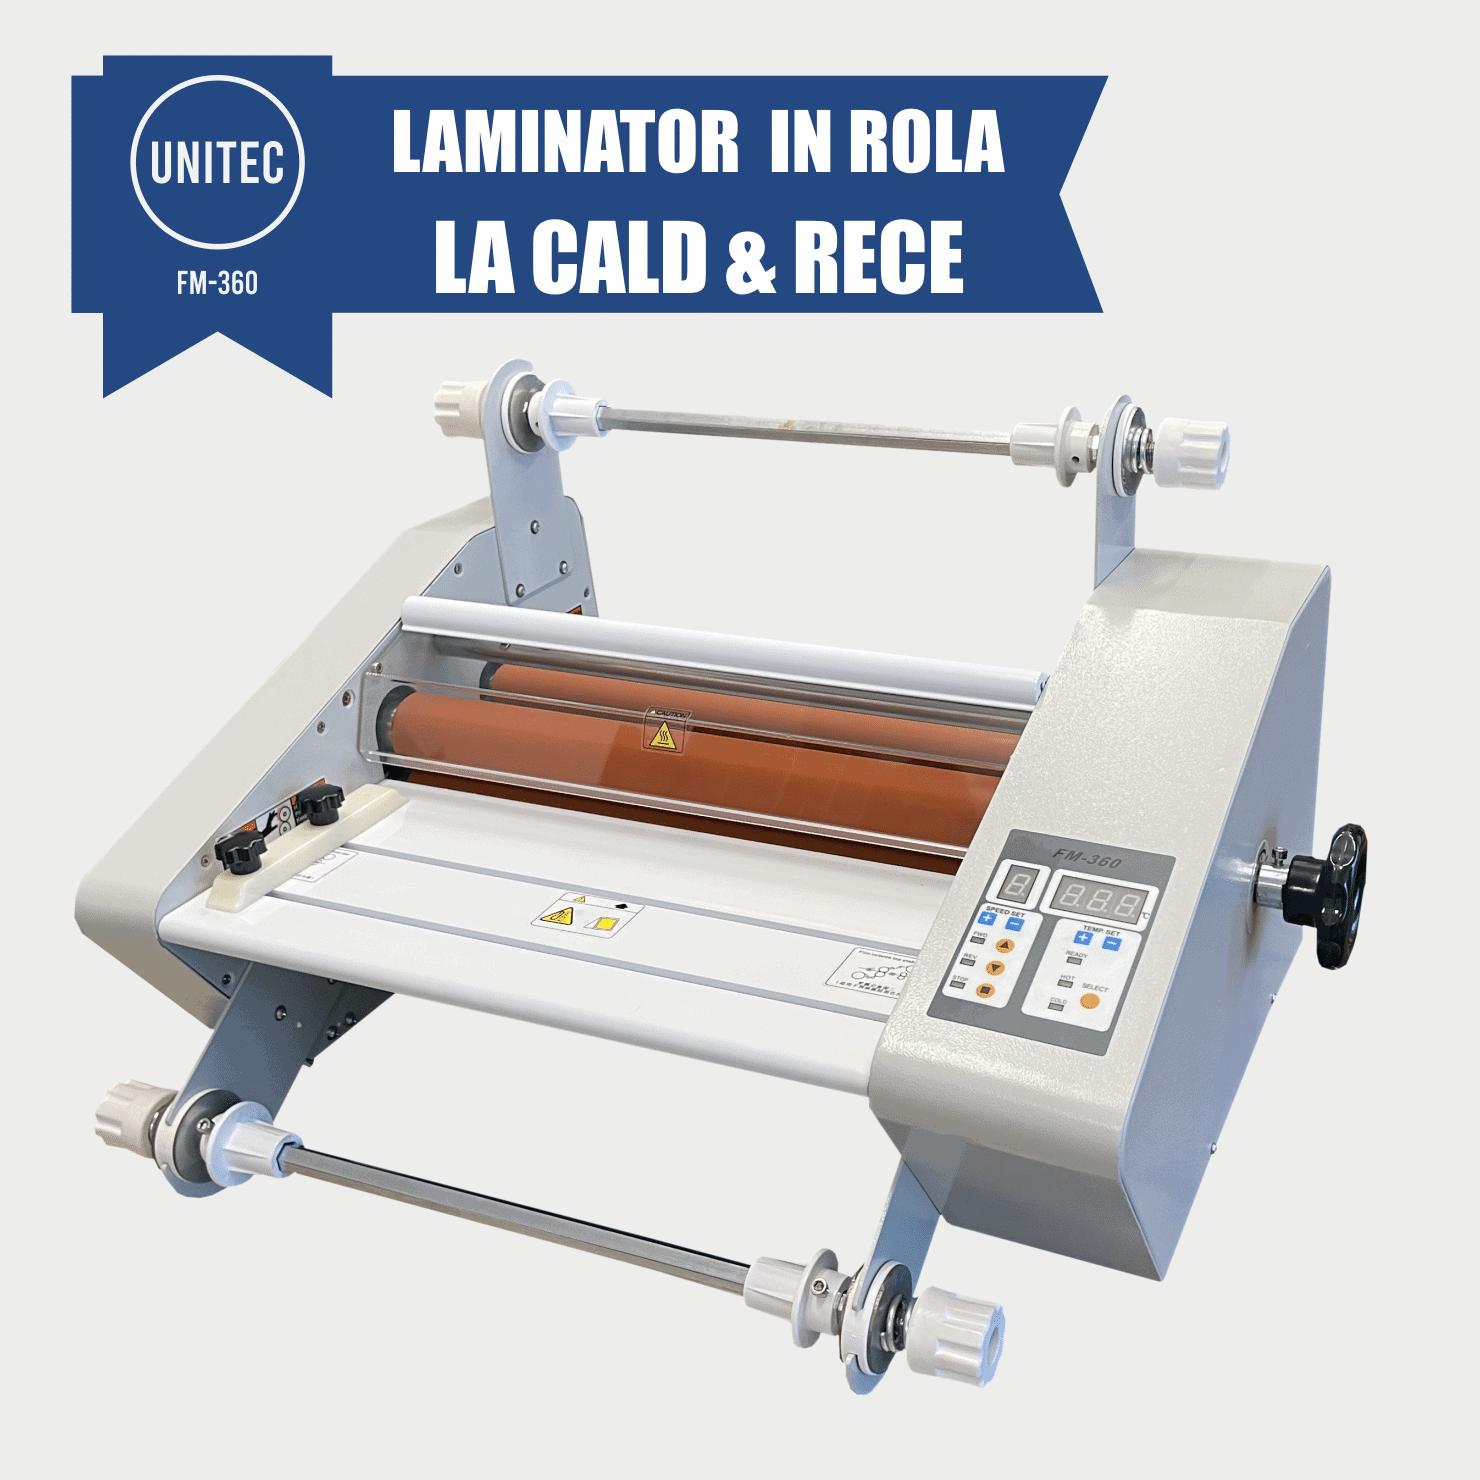 laminator unitec fm360